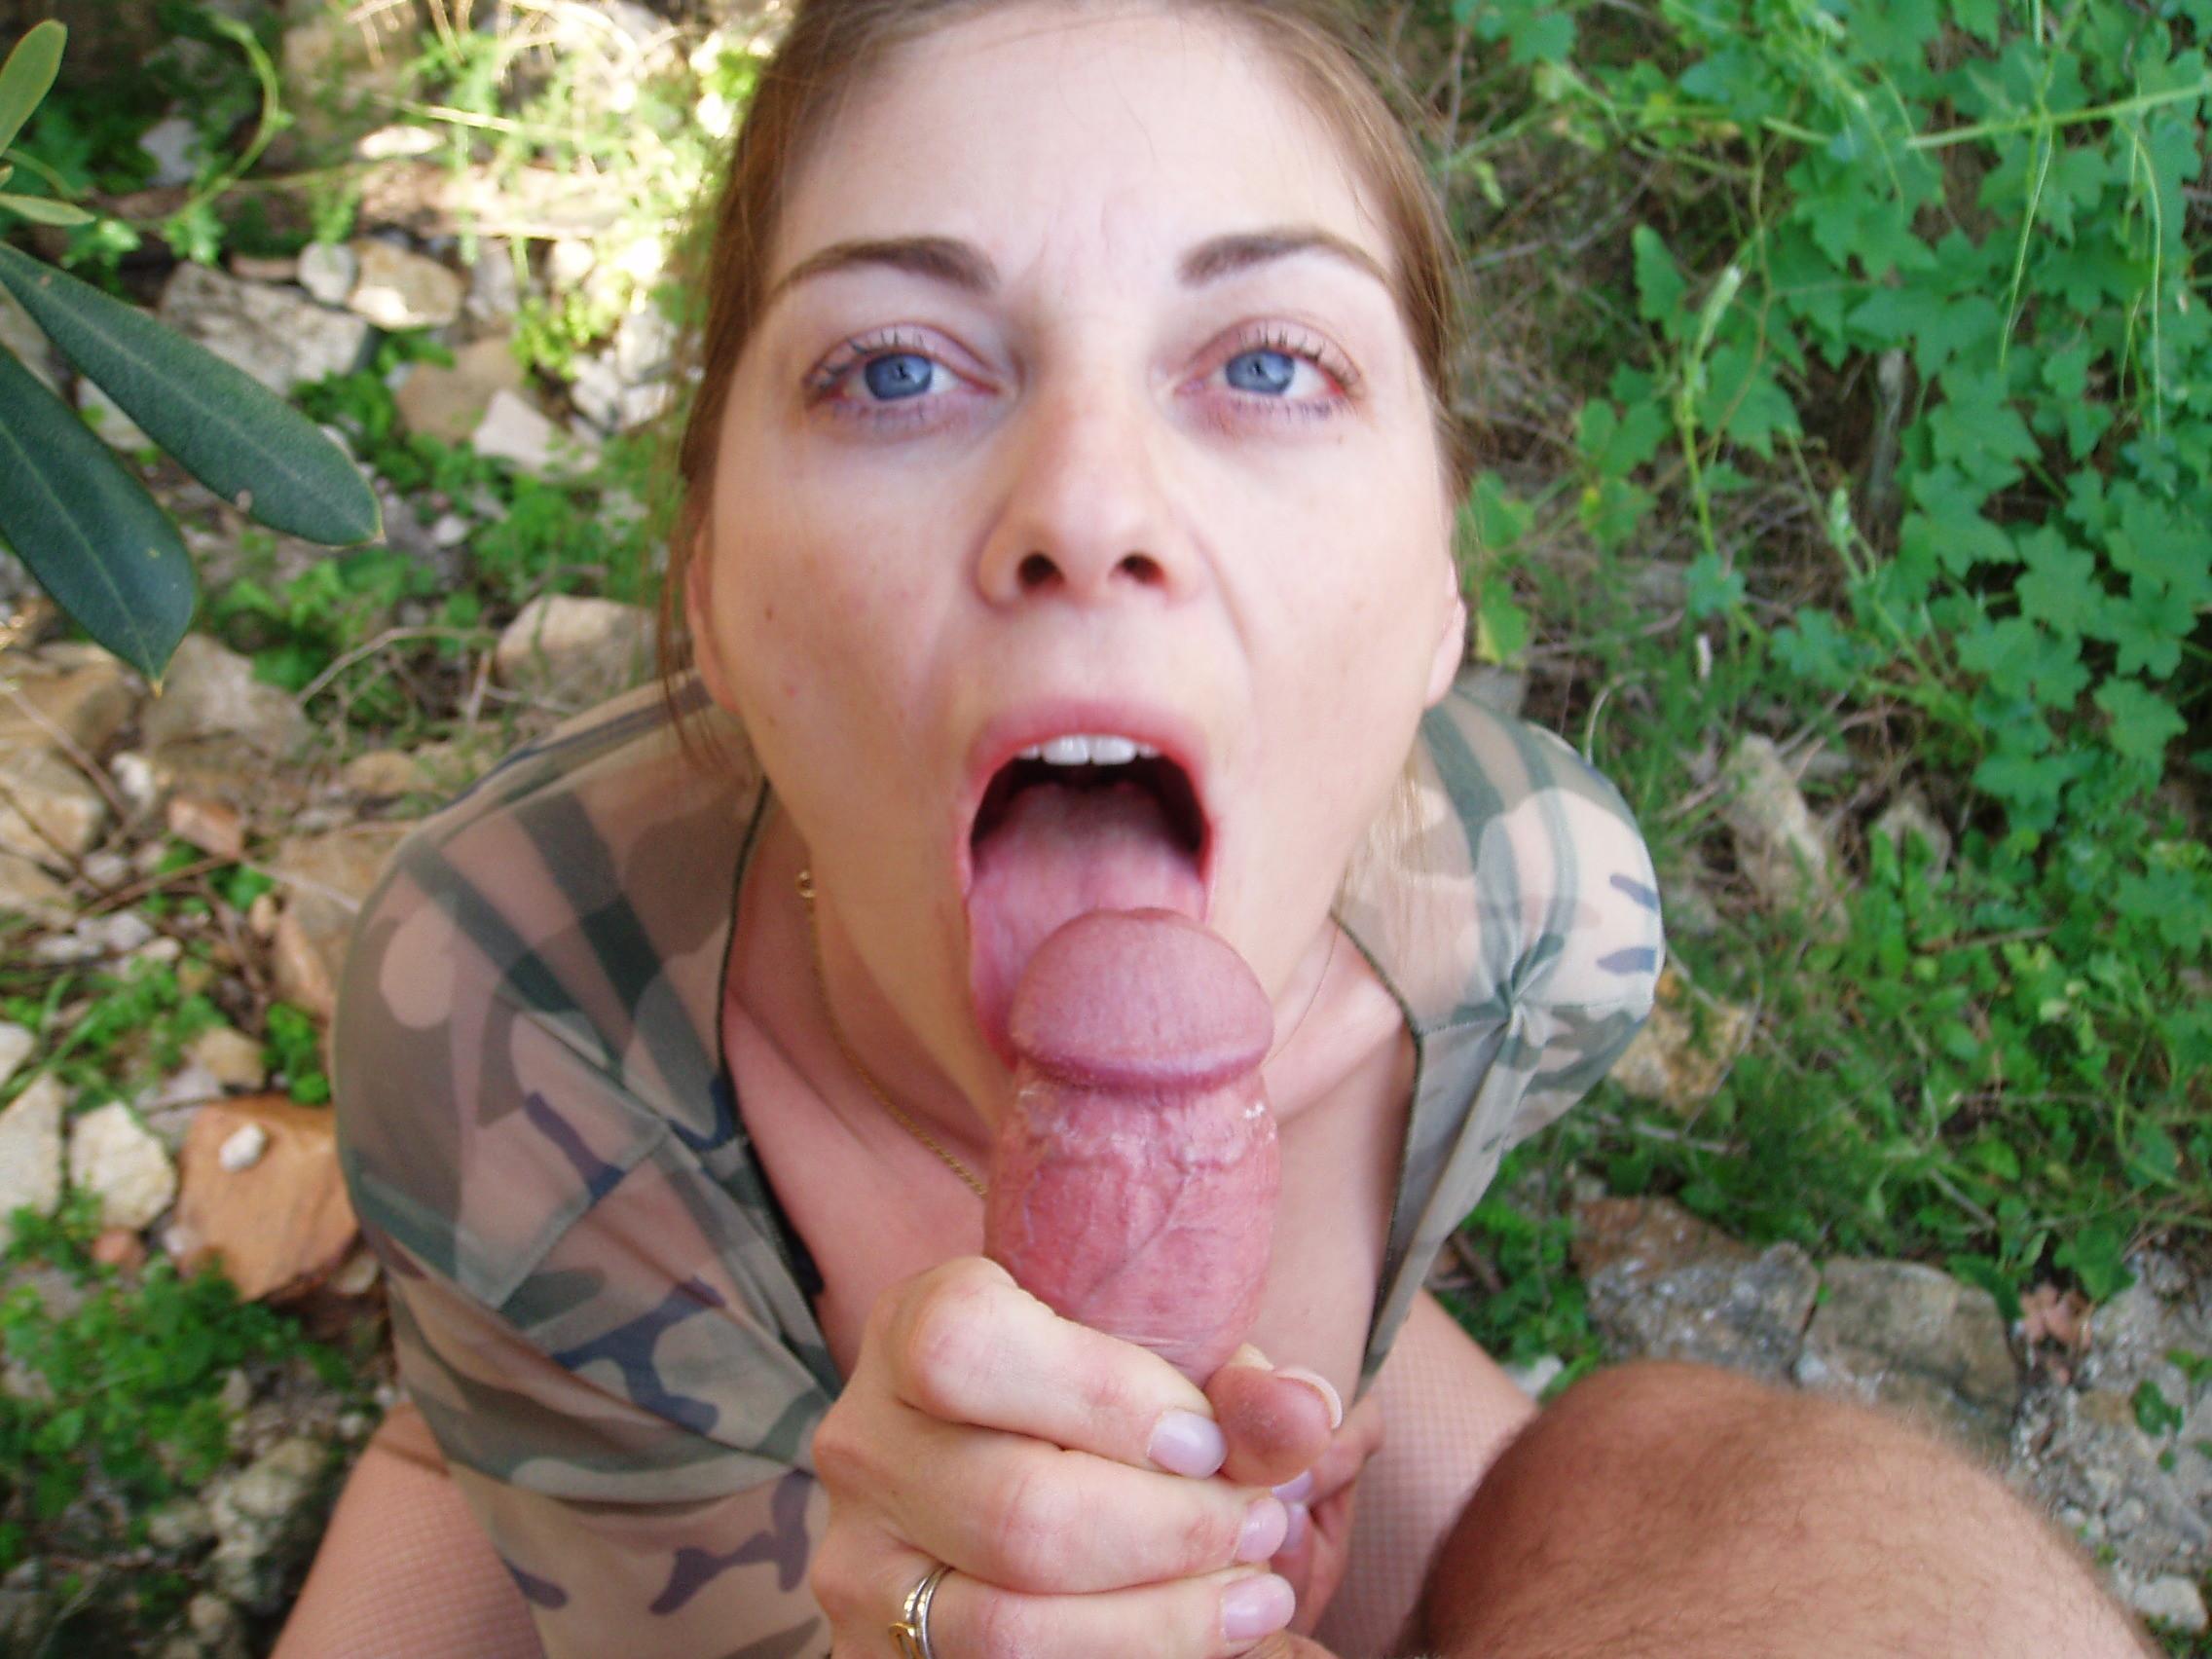 Видео онлайн в лесу дал ей в рот онлайн сумасшедший